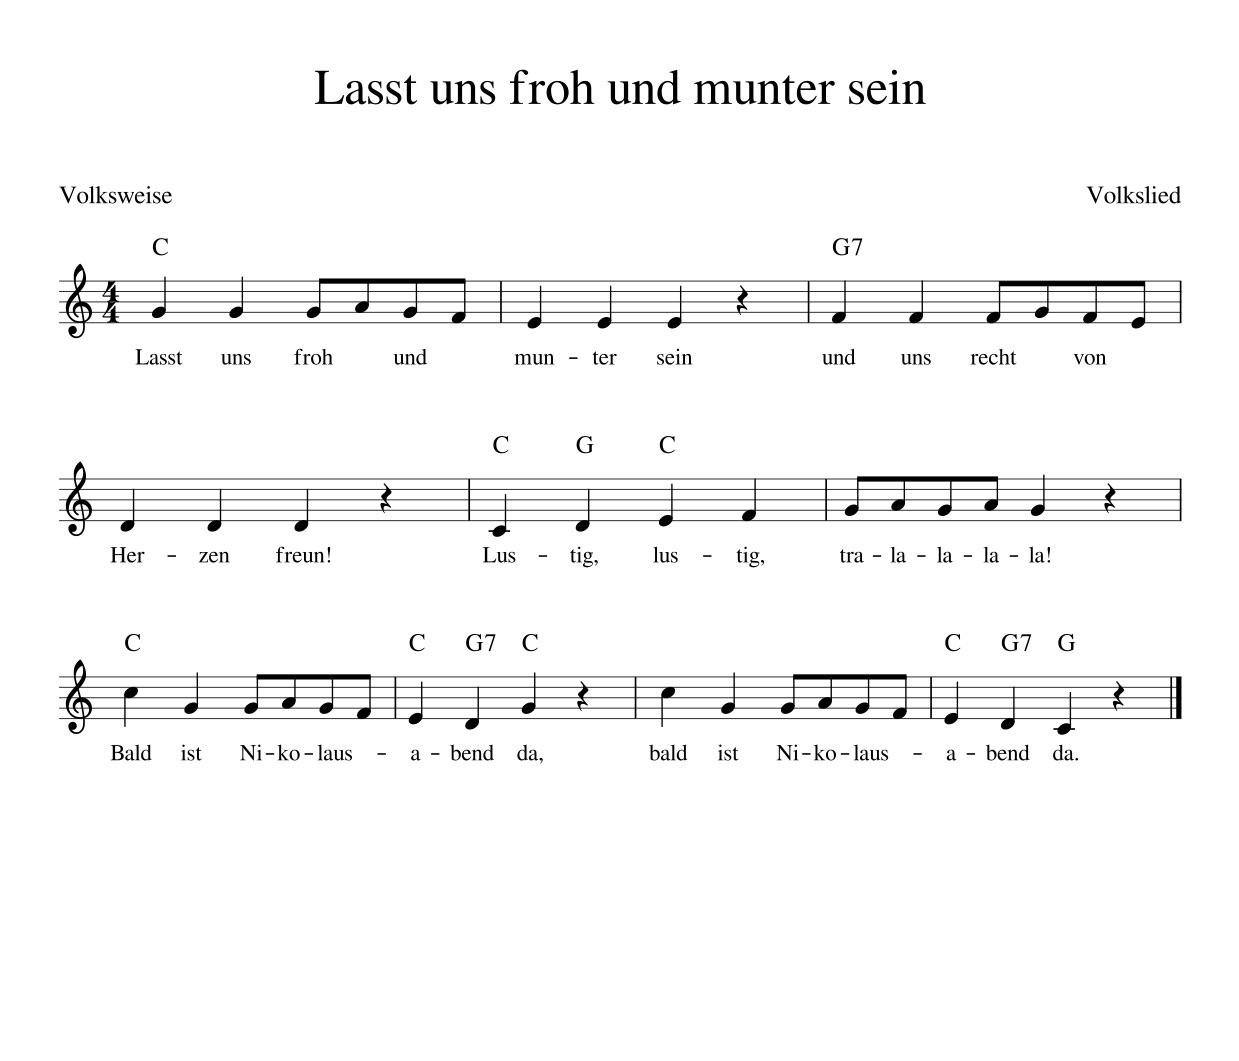 Lasst Uns Froh Und Munter Sein - Kinderlieder - Noten - Text in Lied Lasst Uns Froh Und Munter Sein